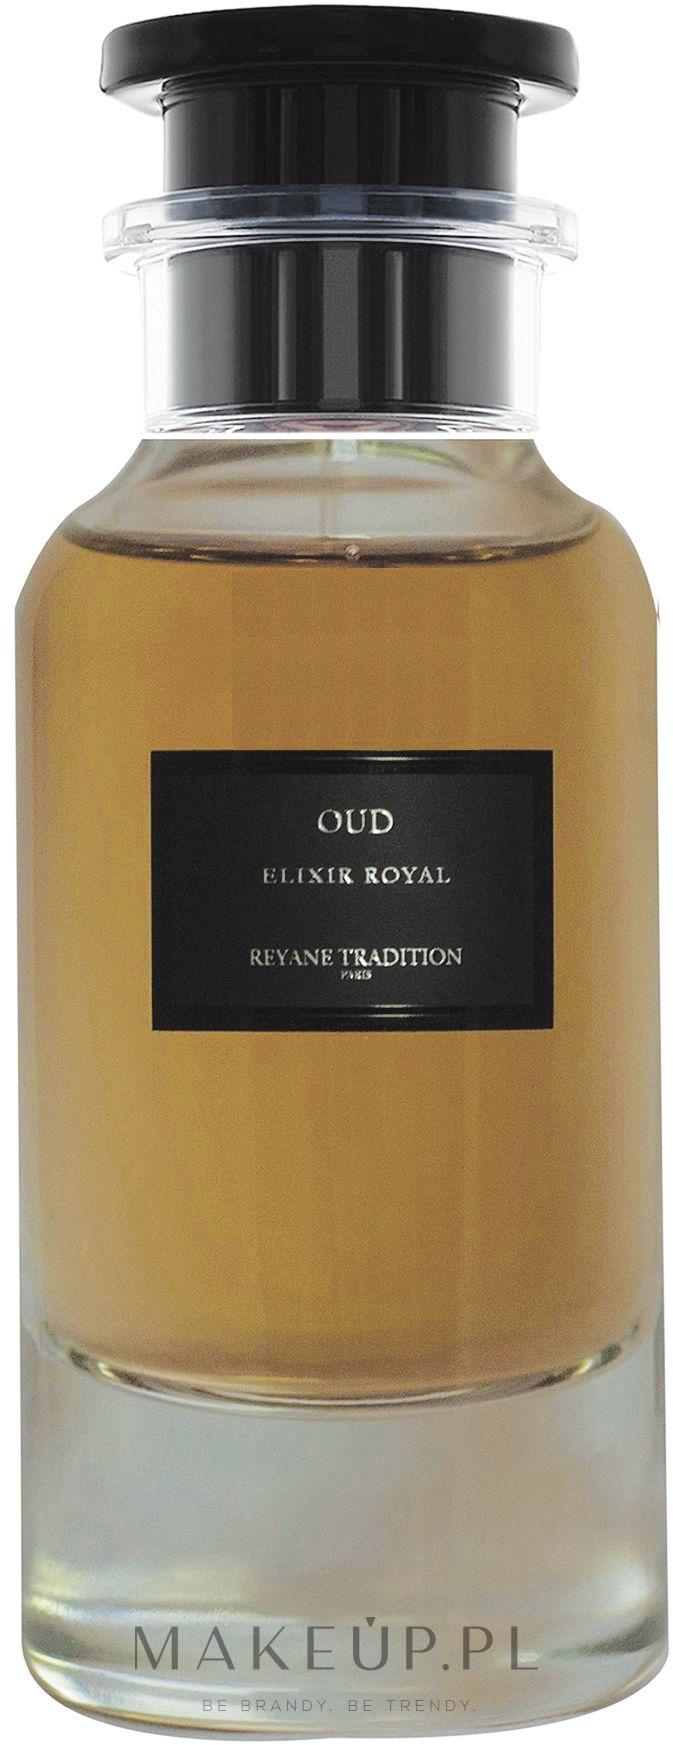 reyane tradition oud elixir royal